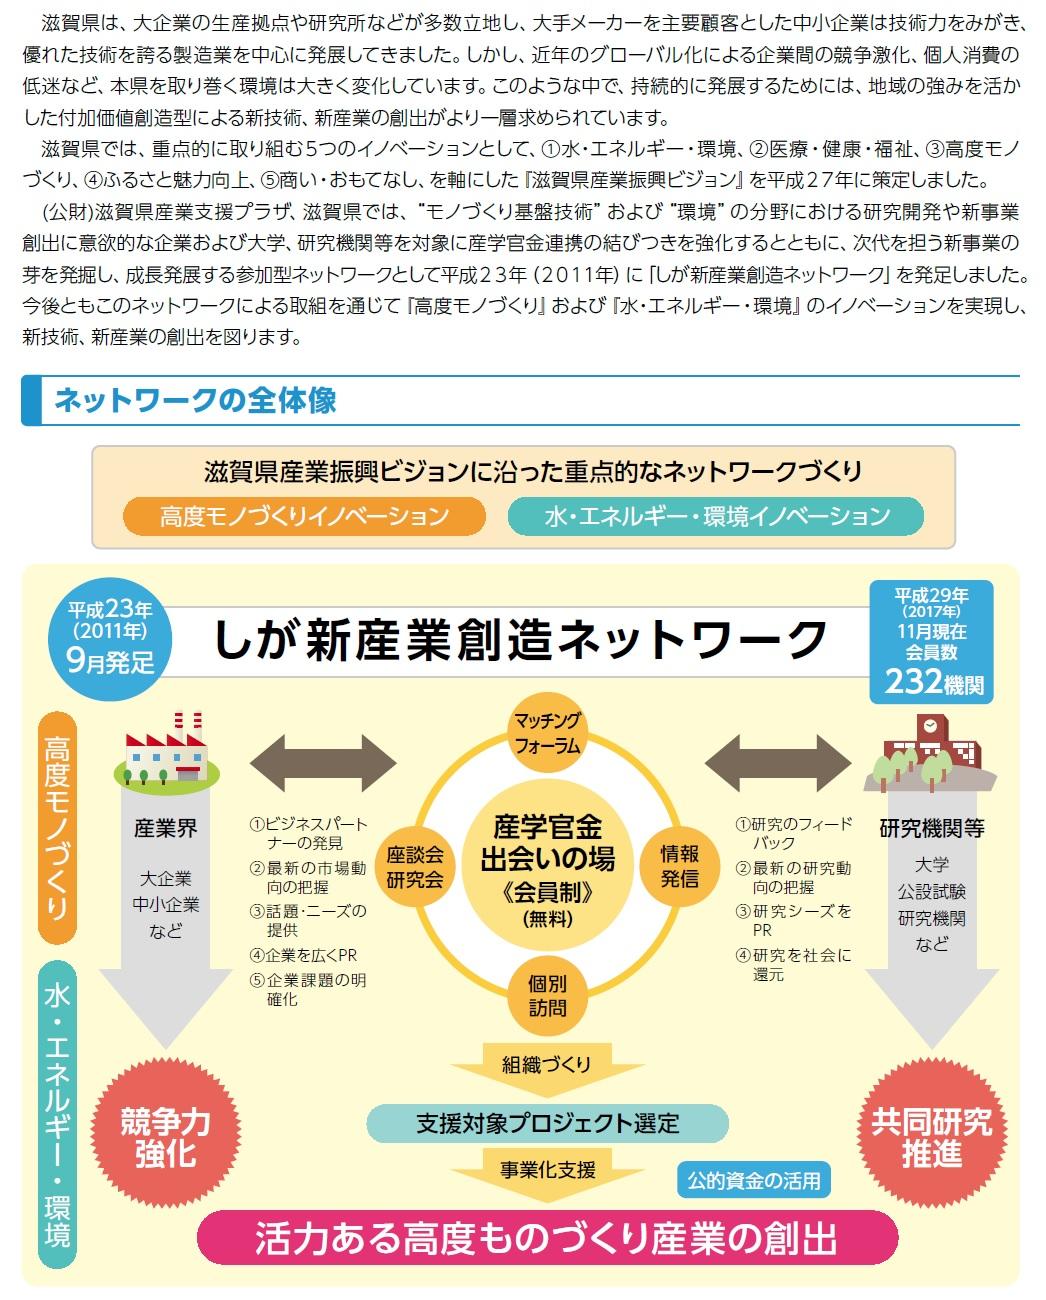 しが新産業創造ネットワーク